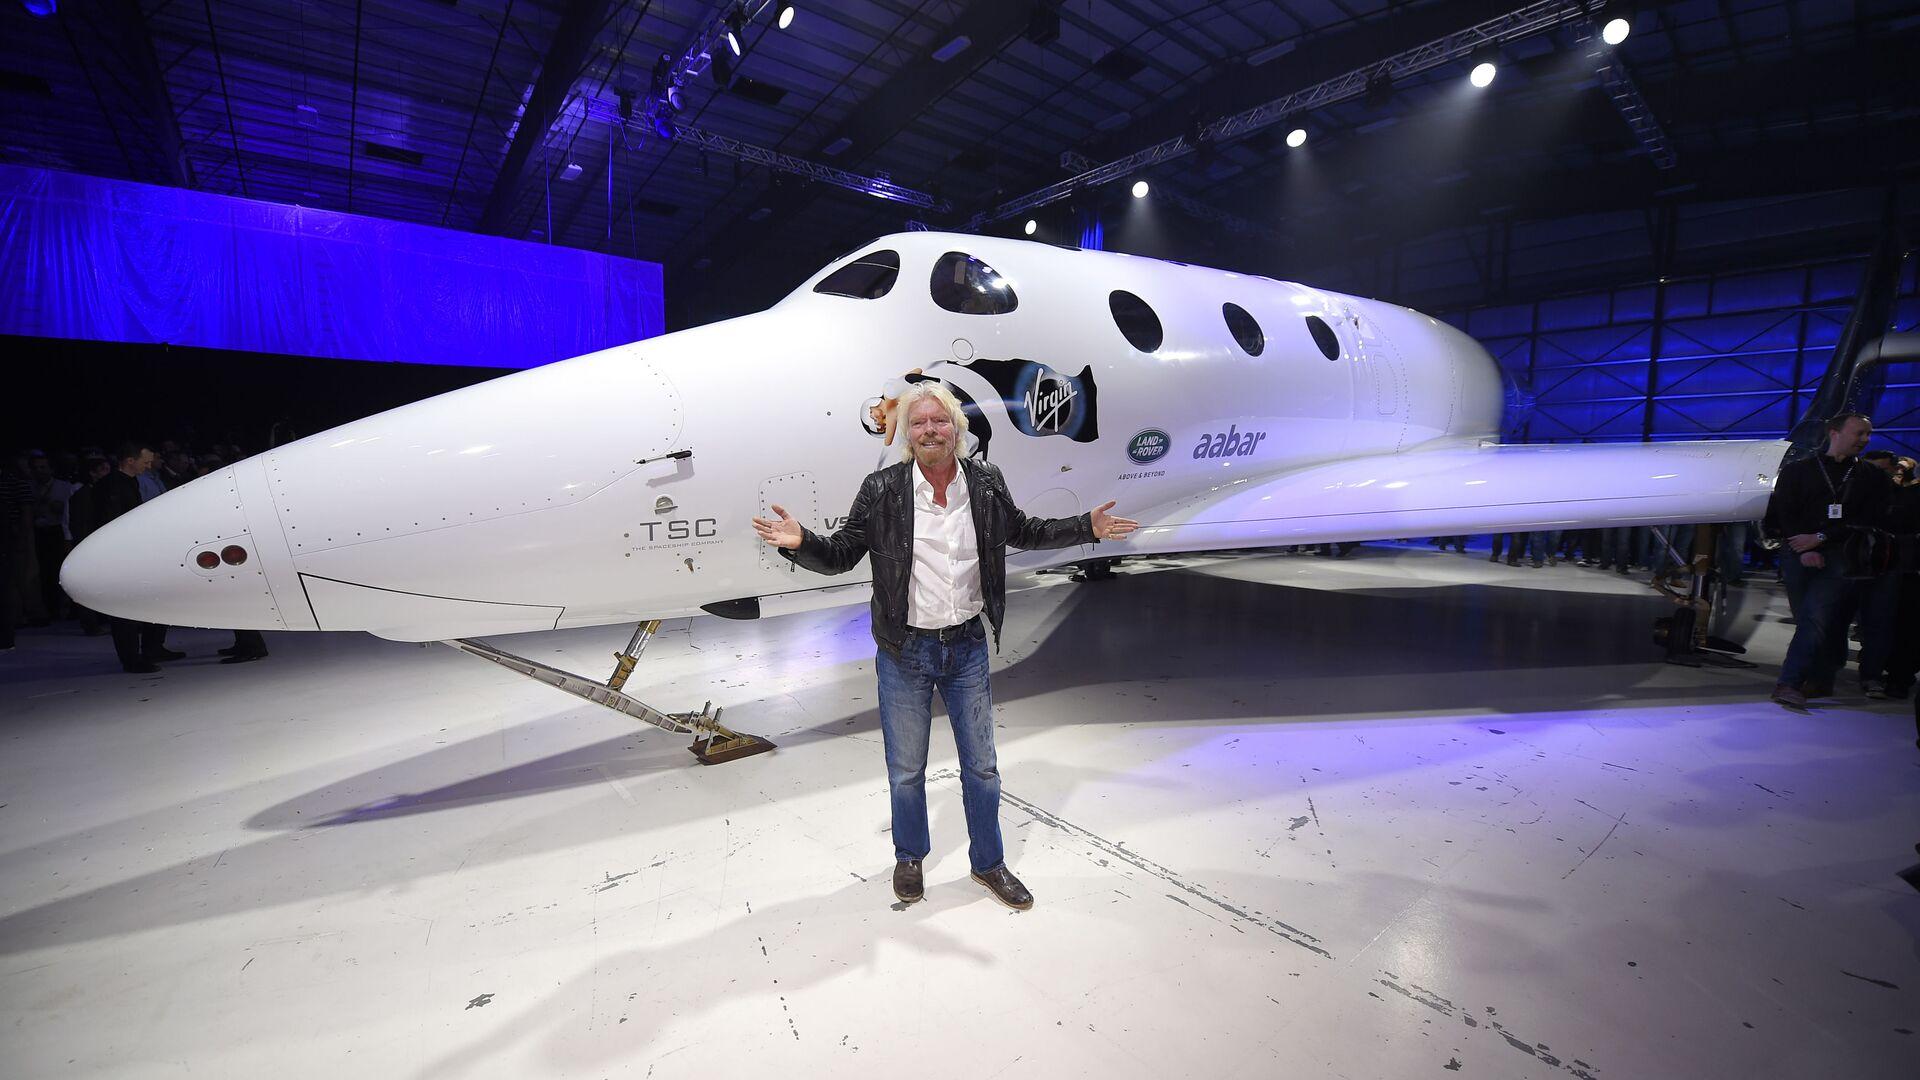 Richard Branson i nowy statek SpaceShipTwo - Sputnik Polska, 1920, 02.07.2021